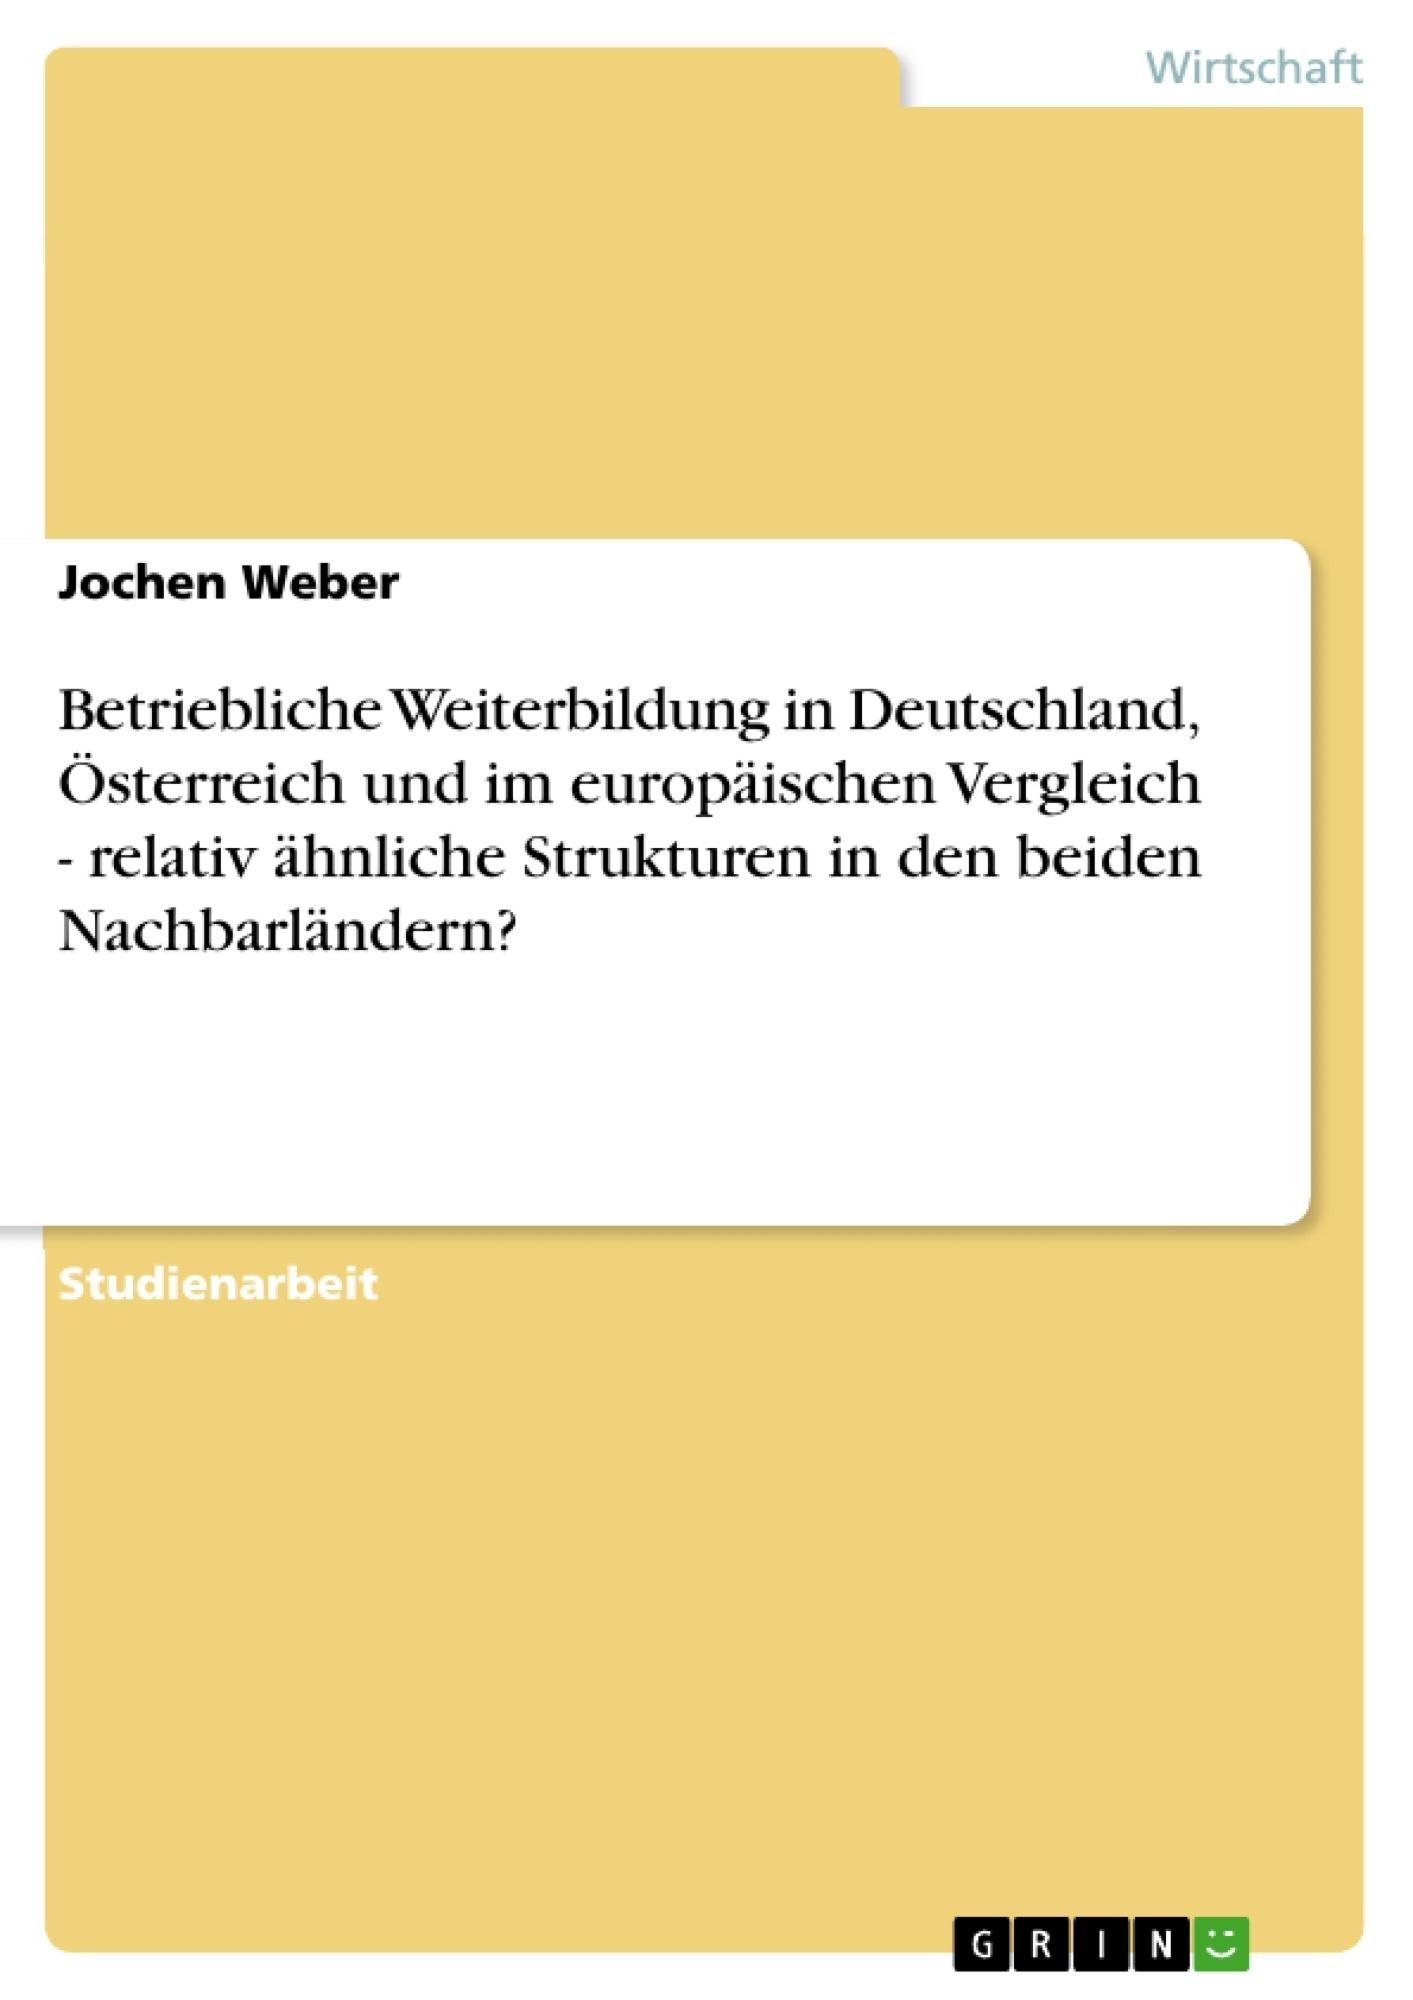 Titel: Betriebliche Weiterbildung in Deutschland, Österreich und im europäischen Vergleich - relativ ähnliche Strukturen in den beiden Nachbarländern?